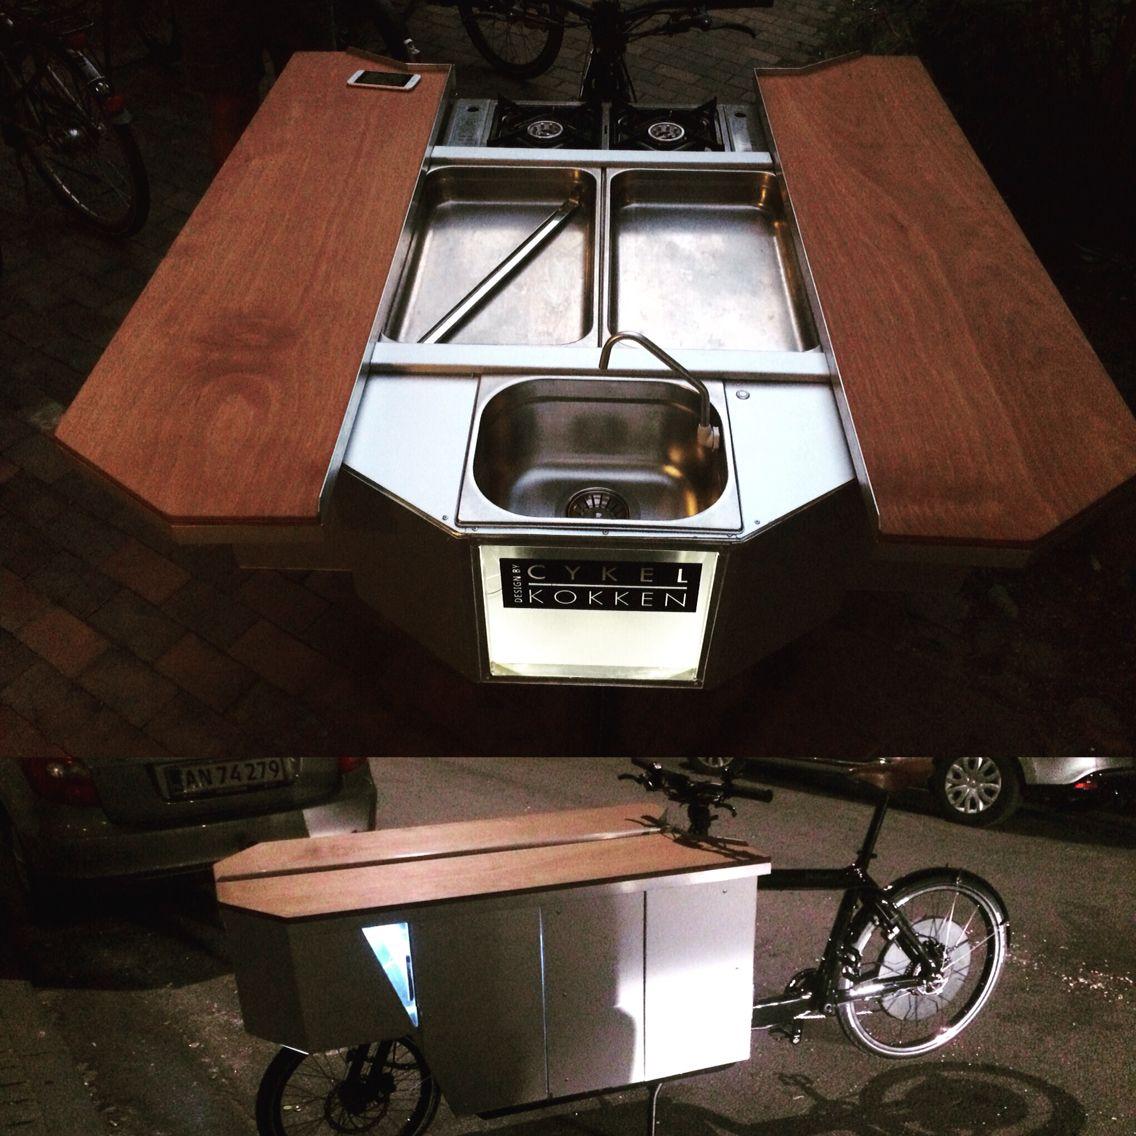 Www Cykelkokken Dk Custom Made Bicycle Kitchen Build As A Module